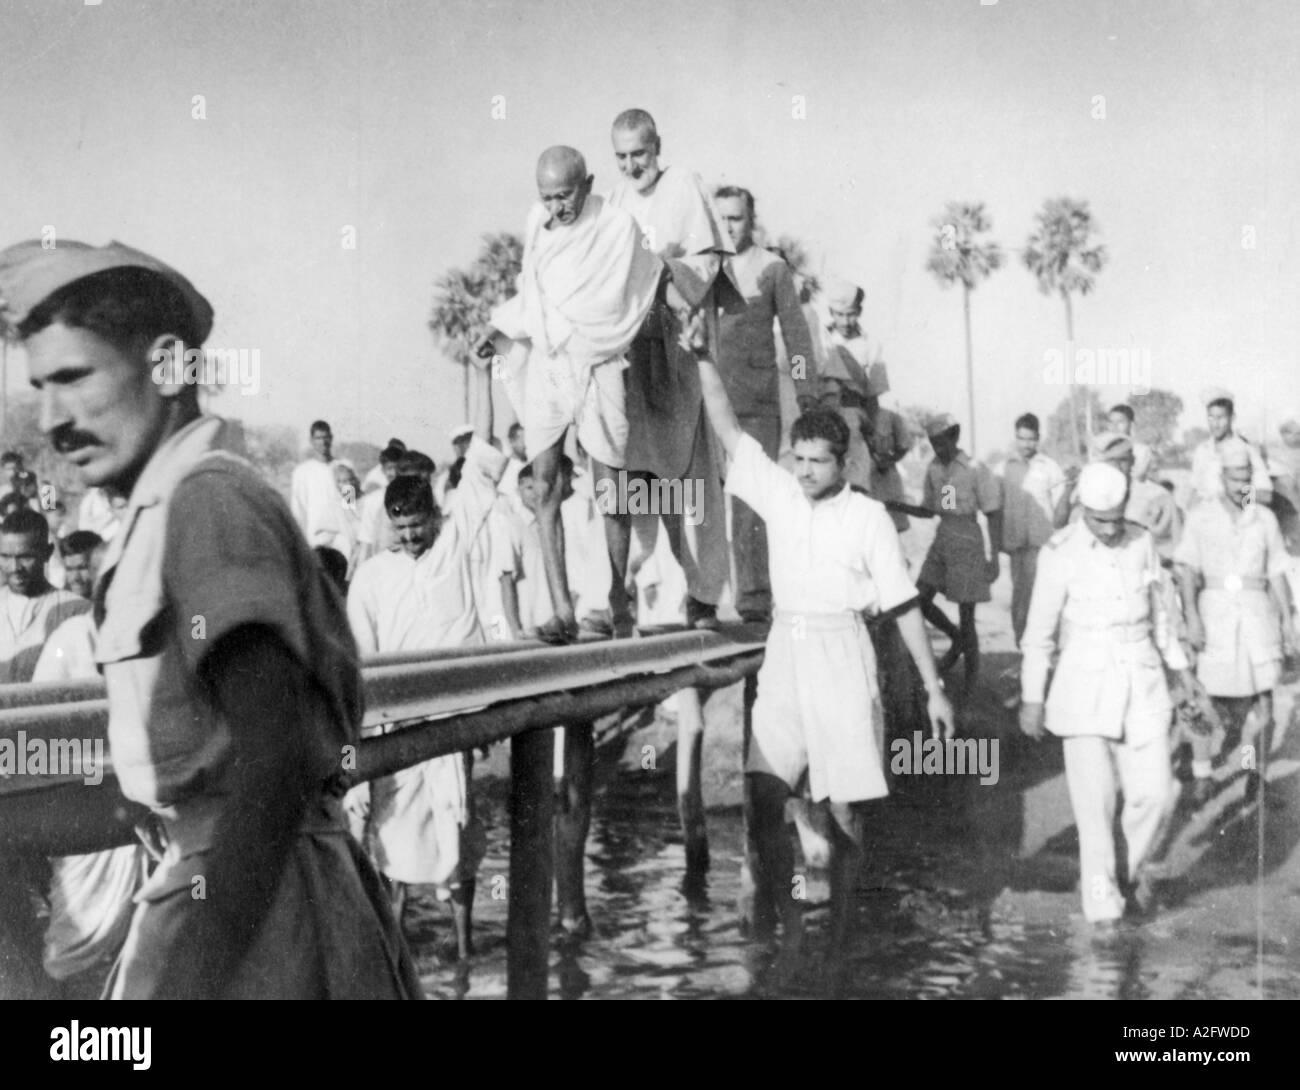 Il Mahatma Gandhi durante il tour di Jahanabad Bihar India 28 marzo 1947 - MKG 33163 Immagini Stock